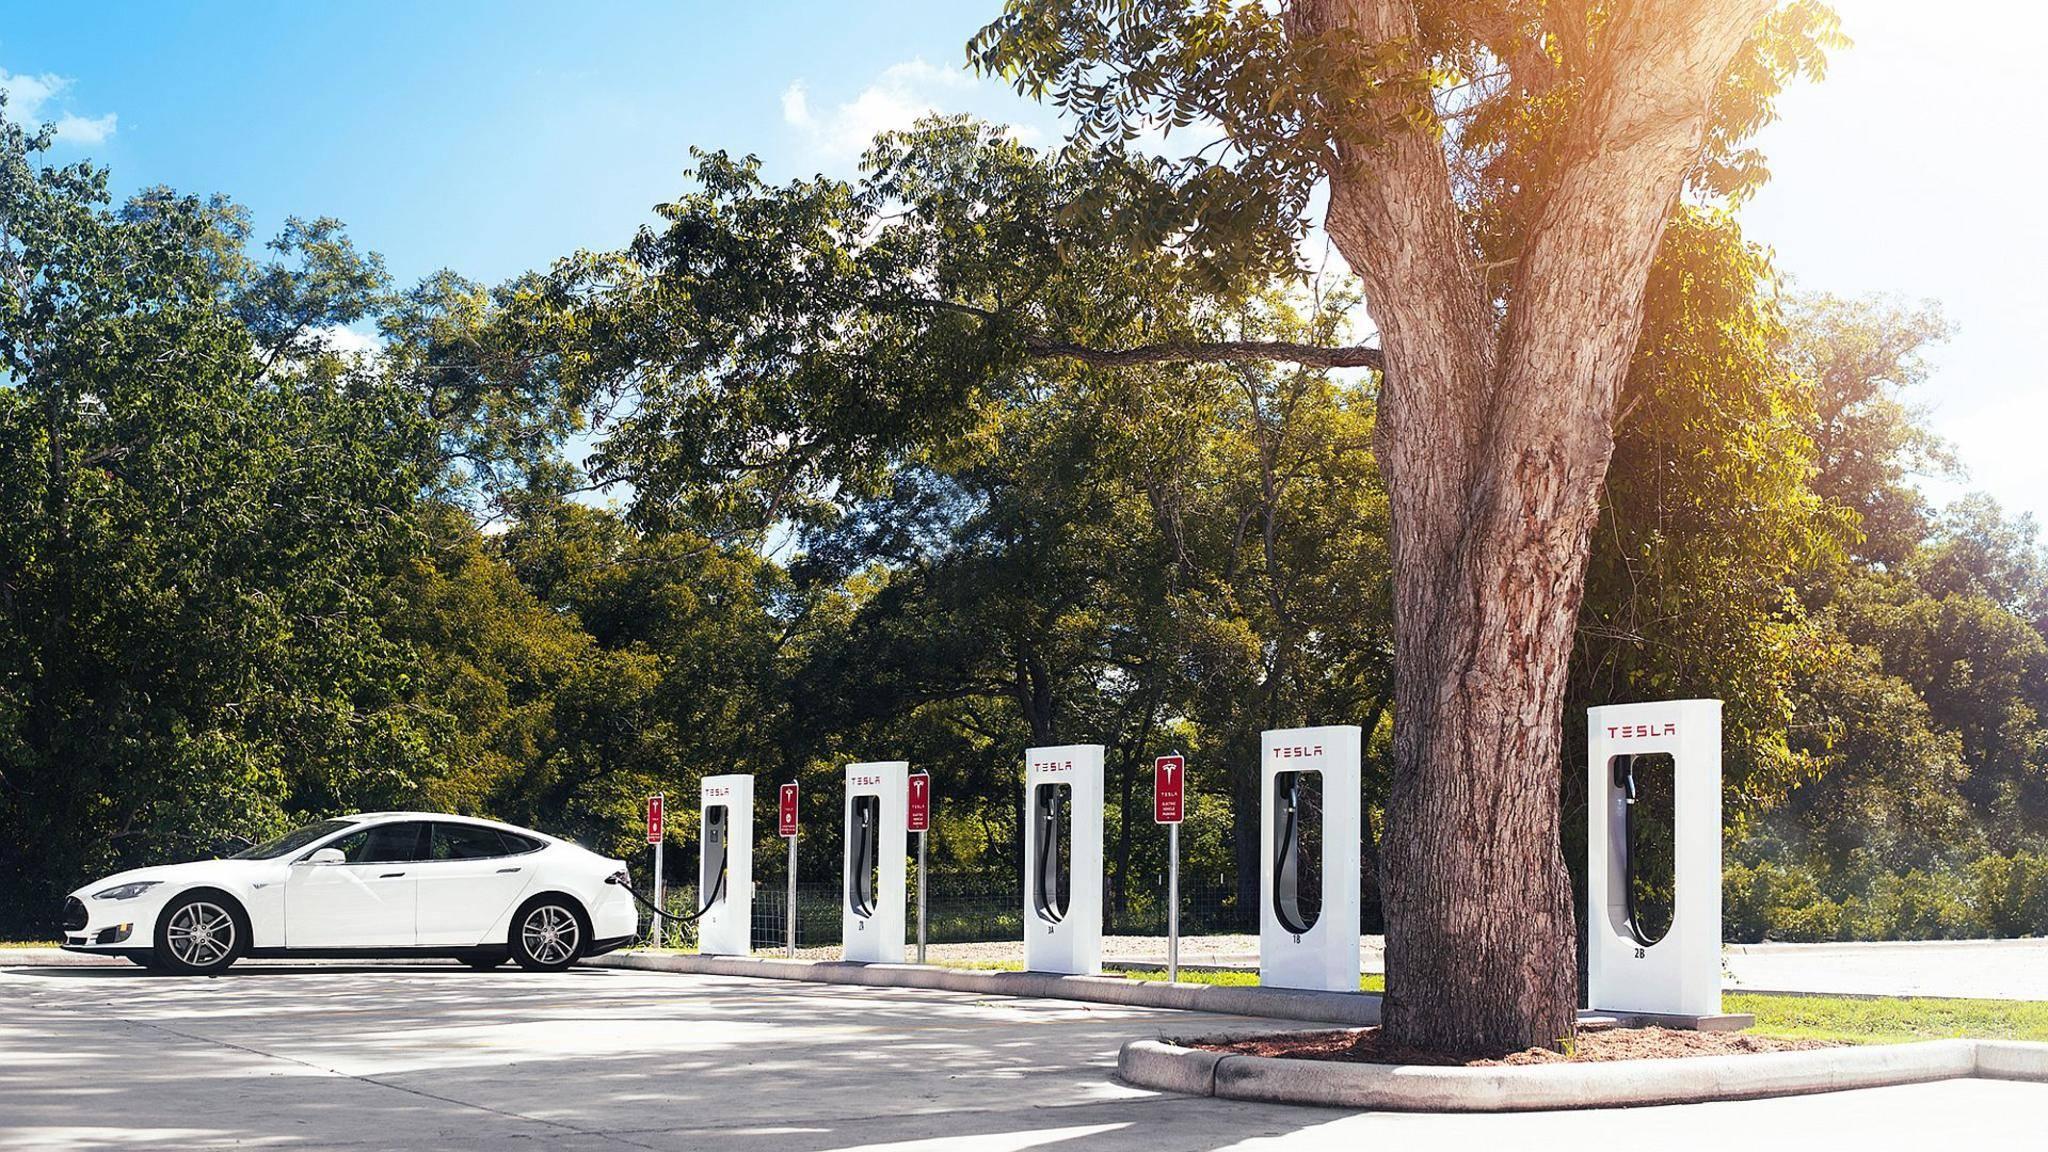 Ein Tesla-Modell an der Ladestation.